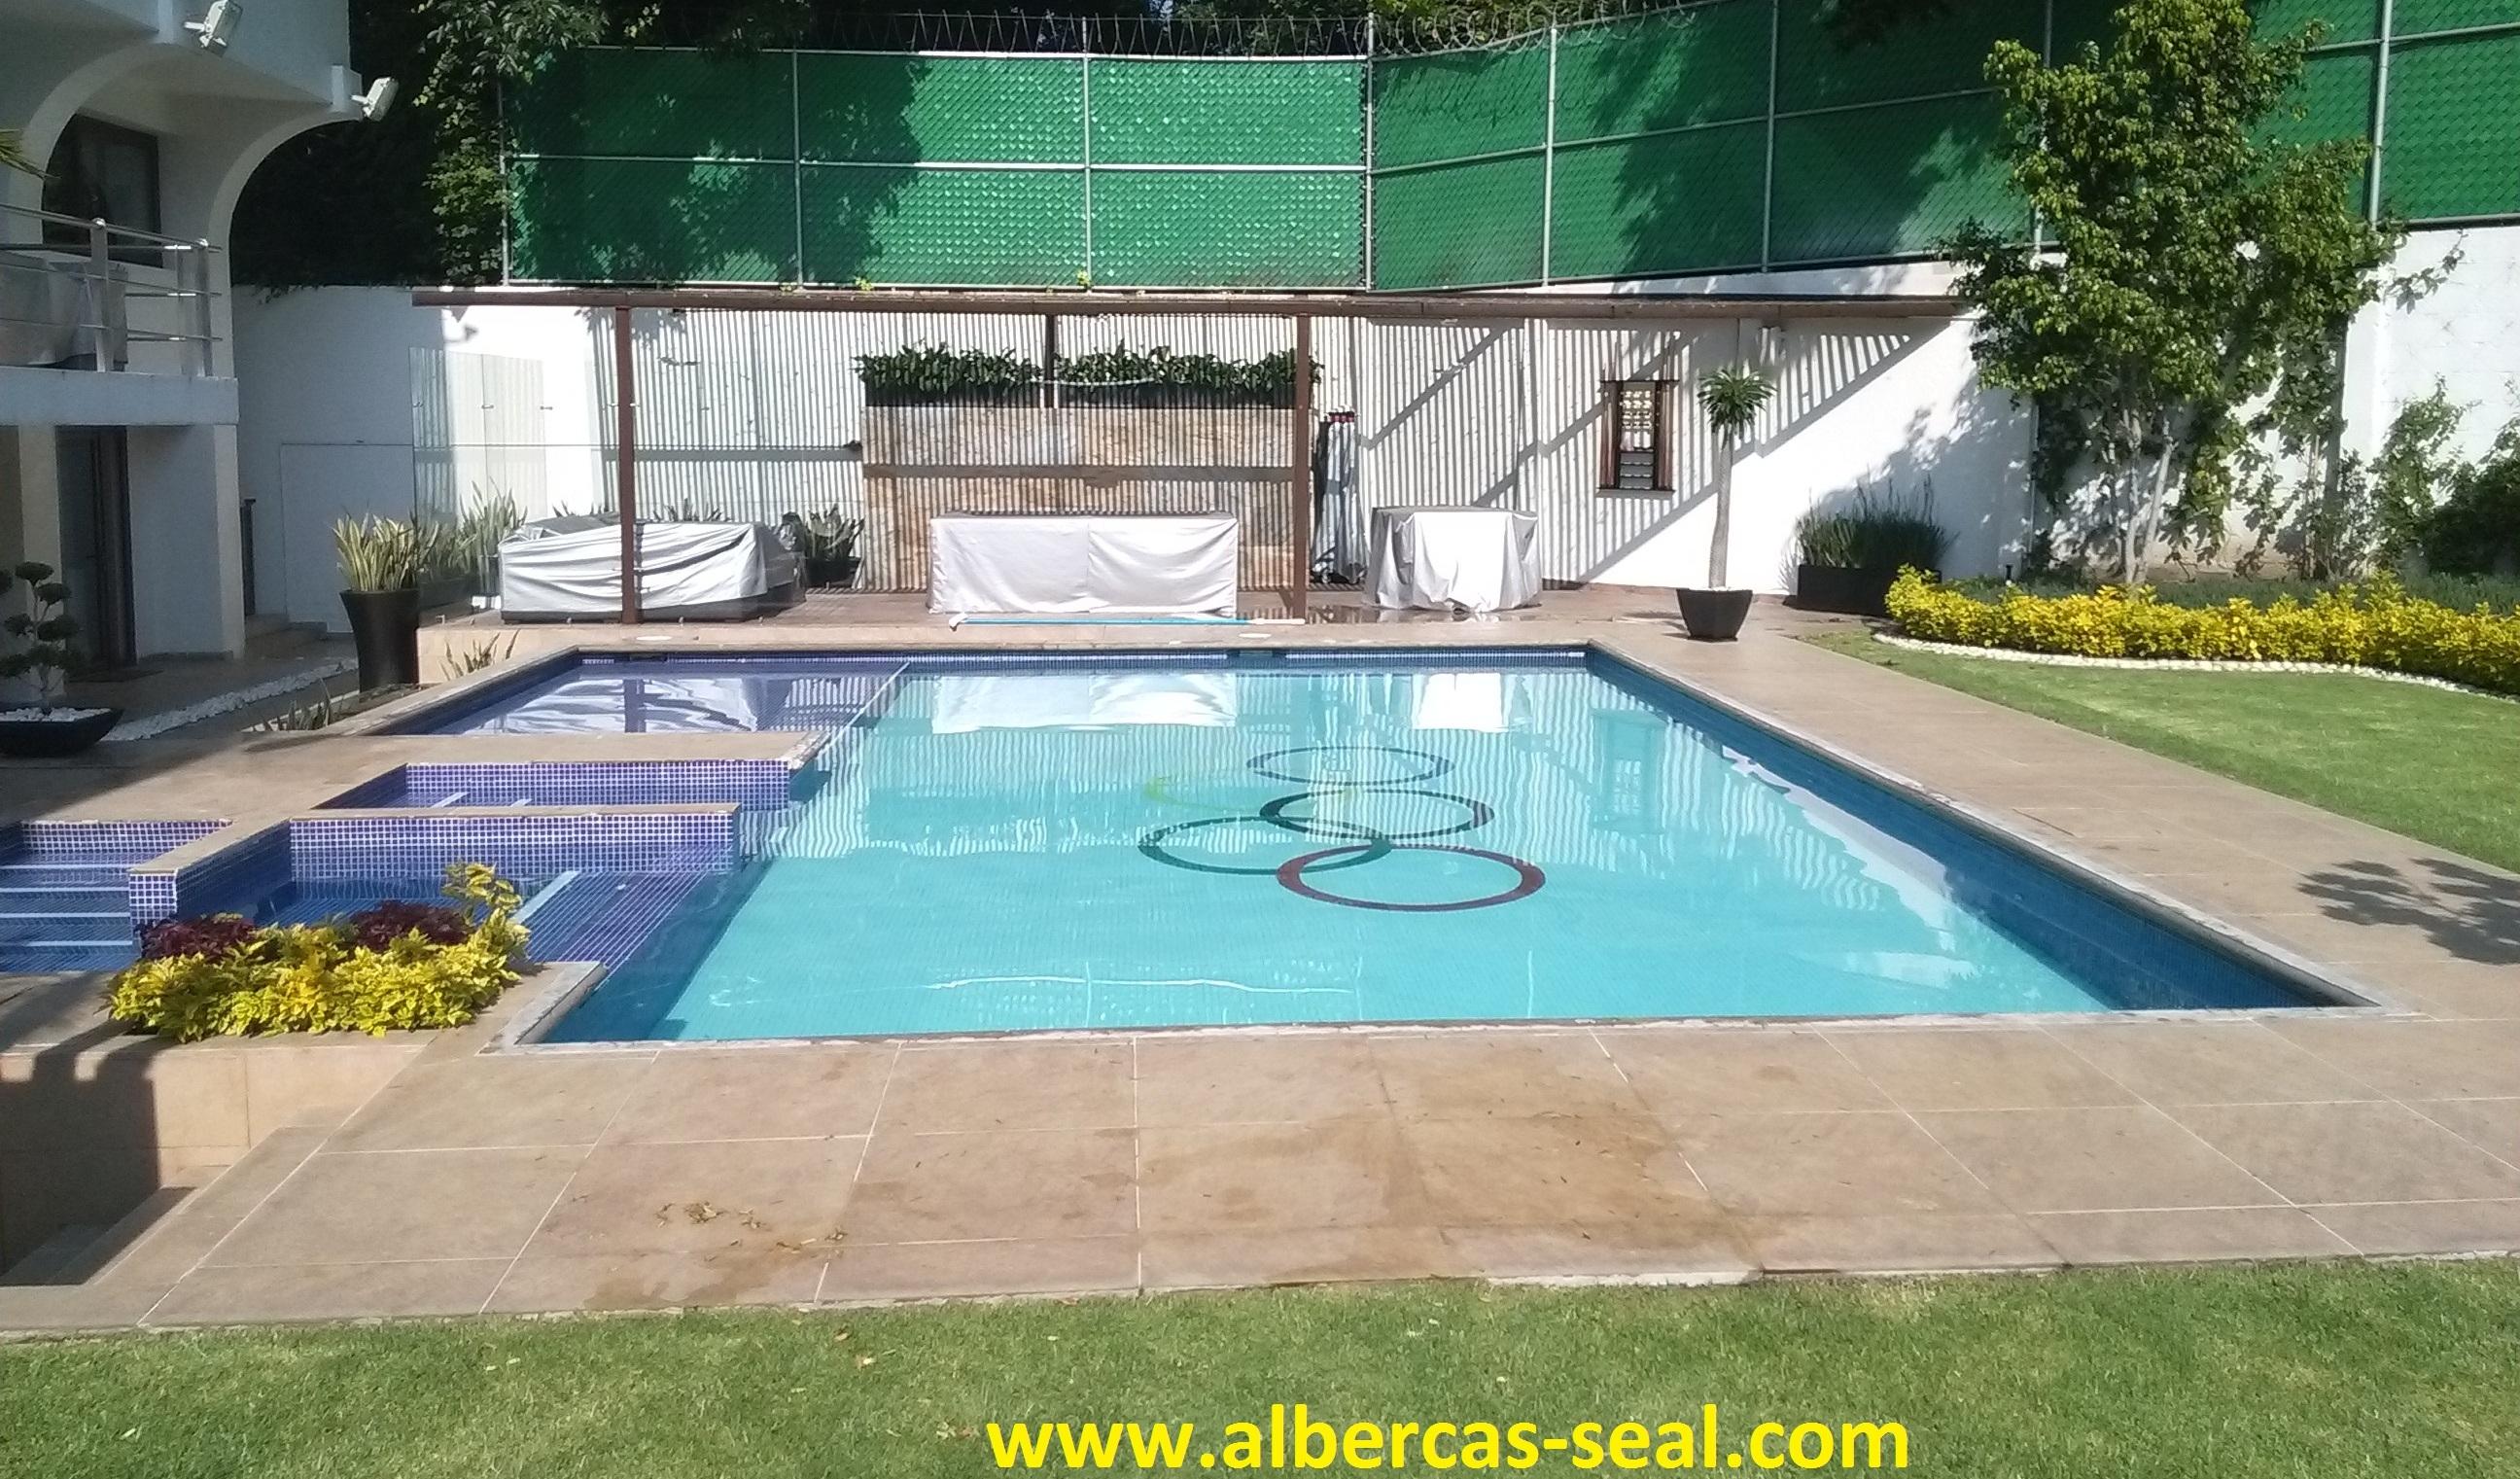 Albercas albercas seal mantenimiento limpieza y for Construccion de piscinas en mexico